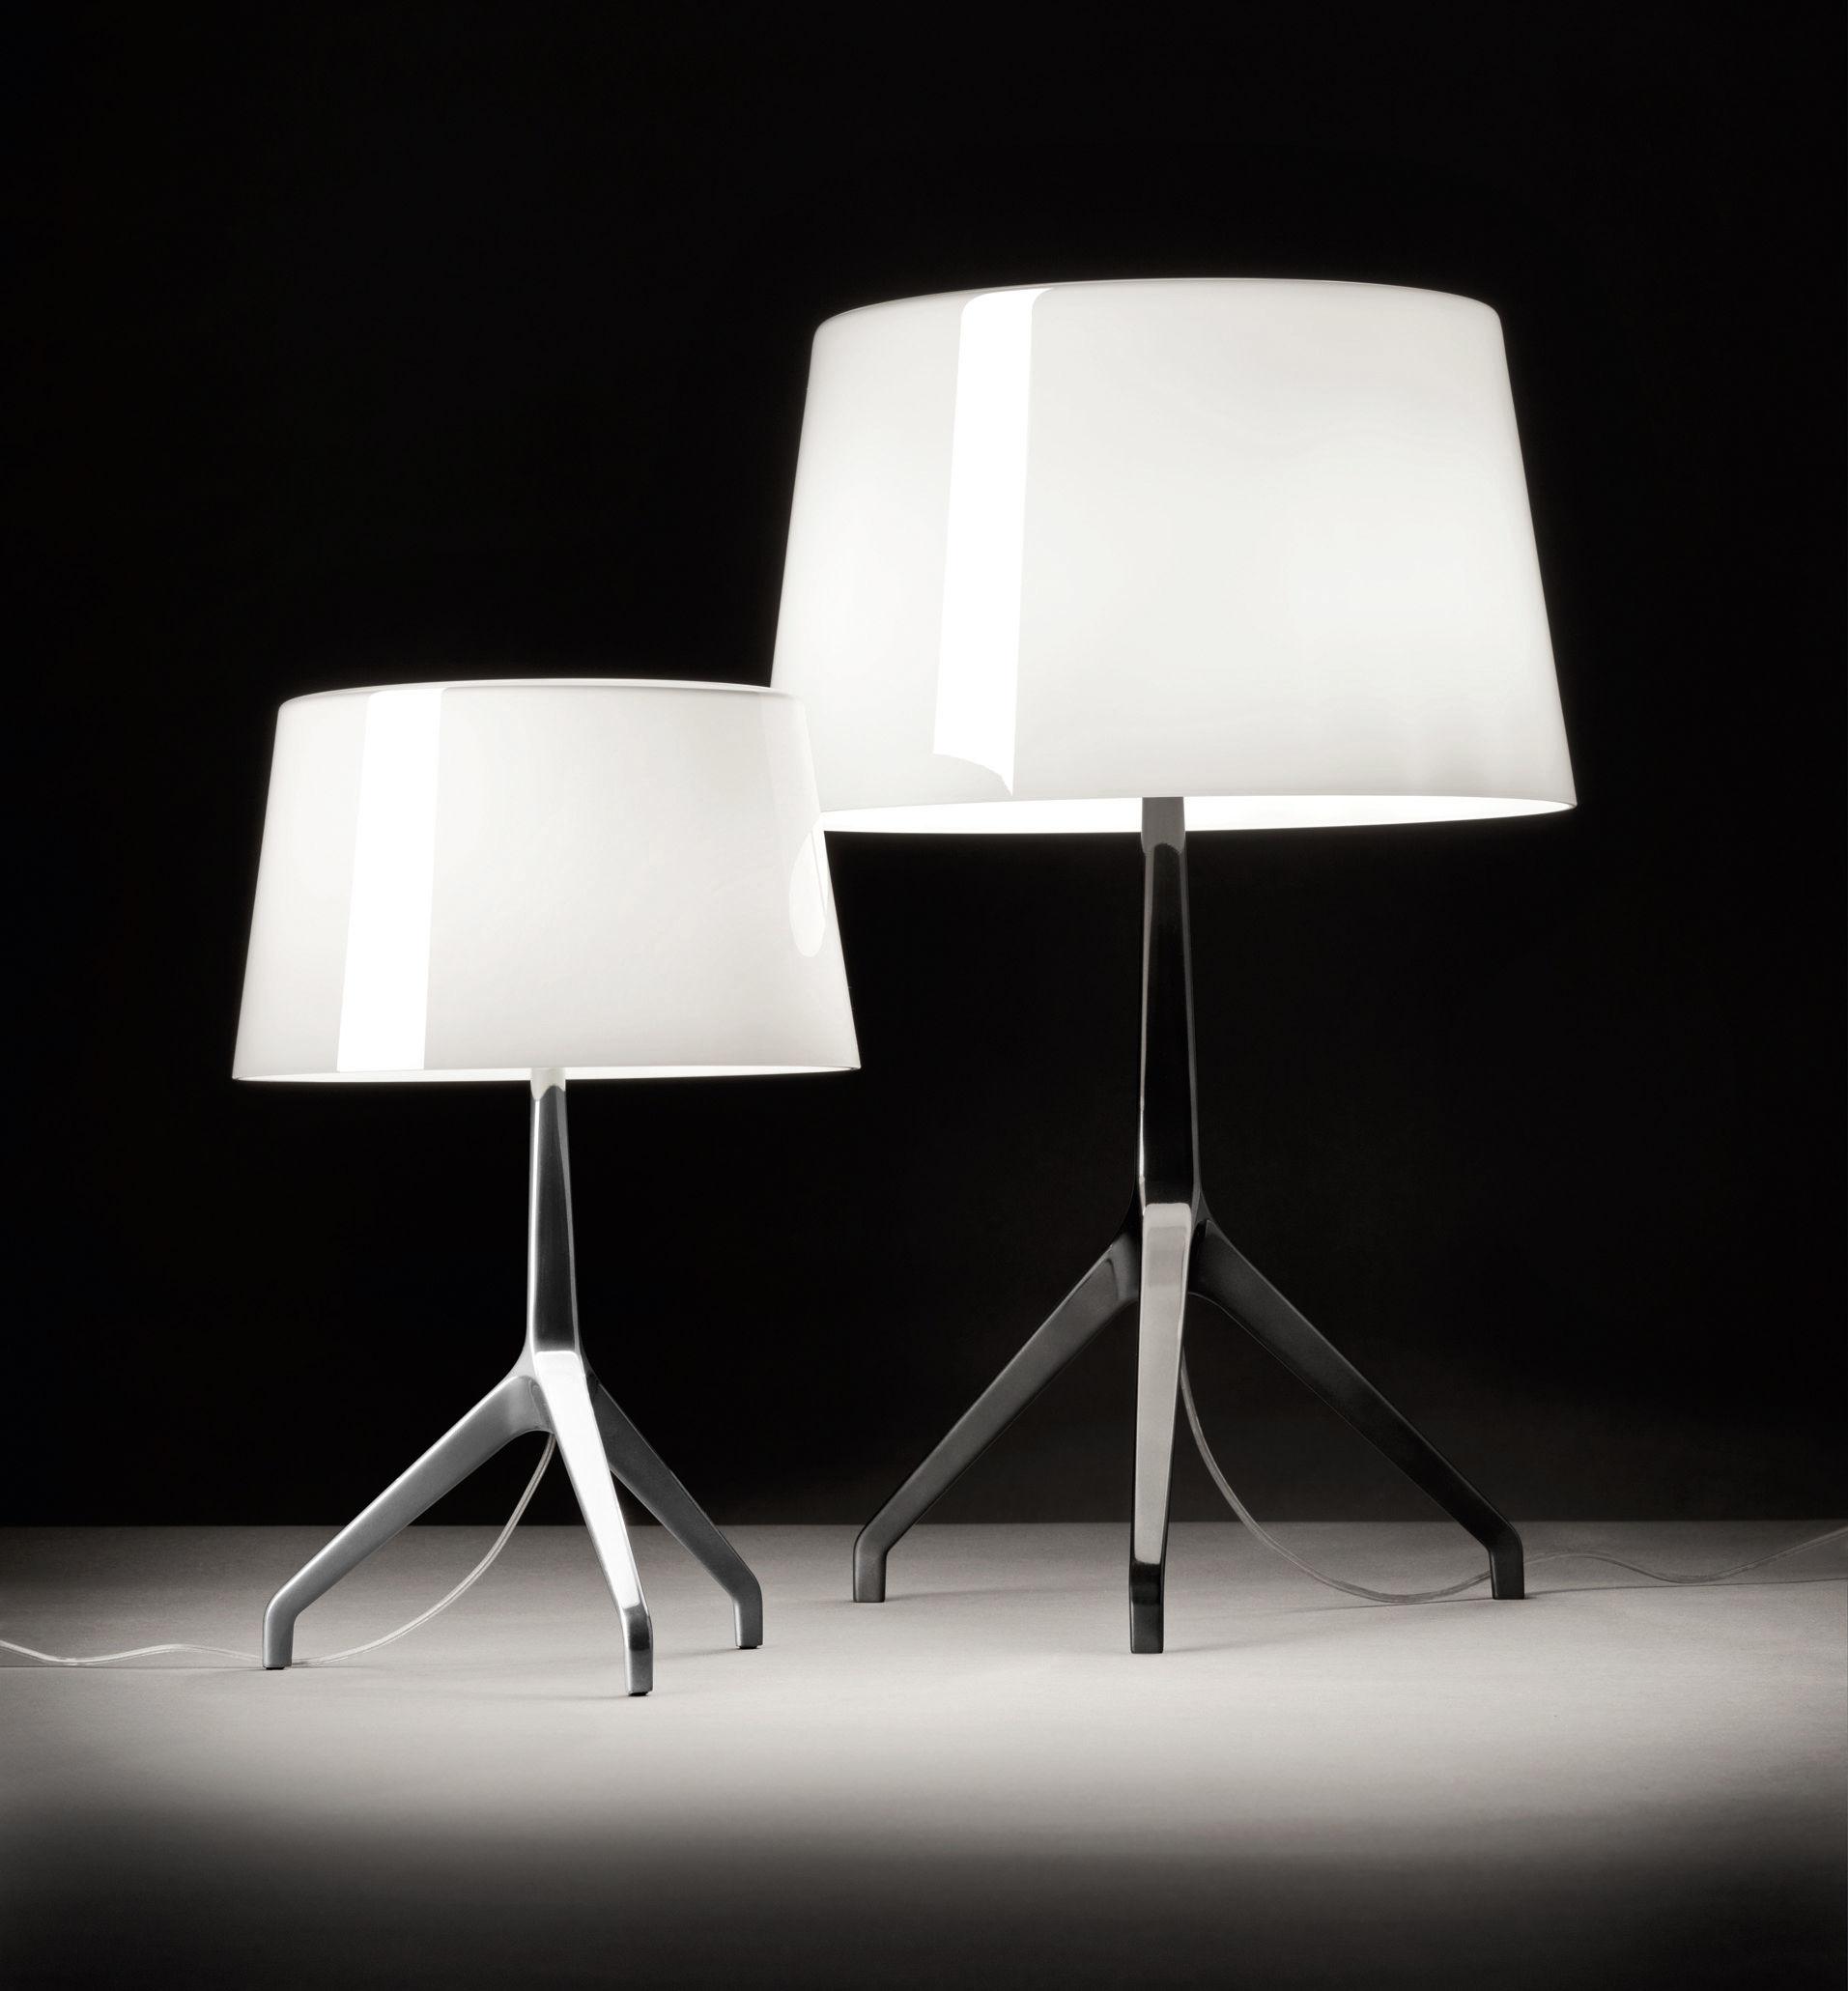 Lampe De Table Lumiere Xxl H 57 Cm Blanc Pied Noir Chrome